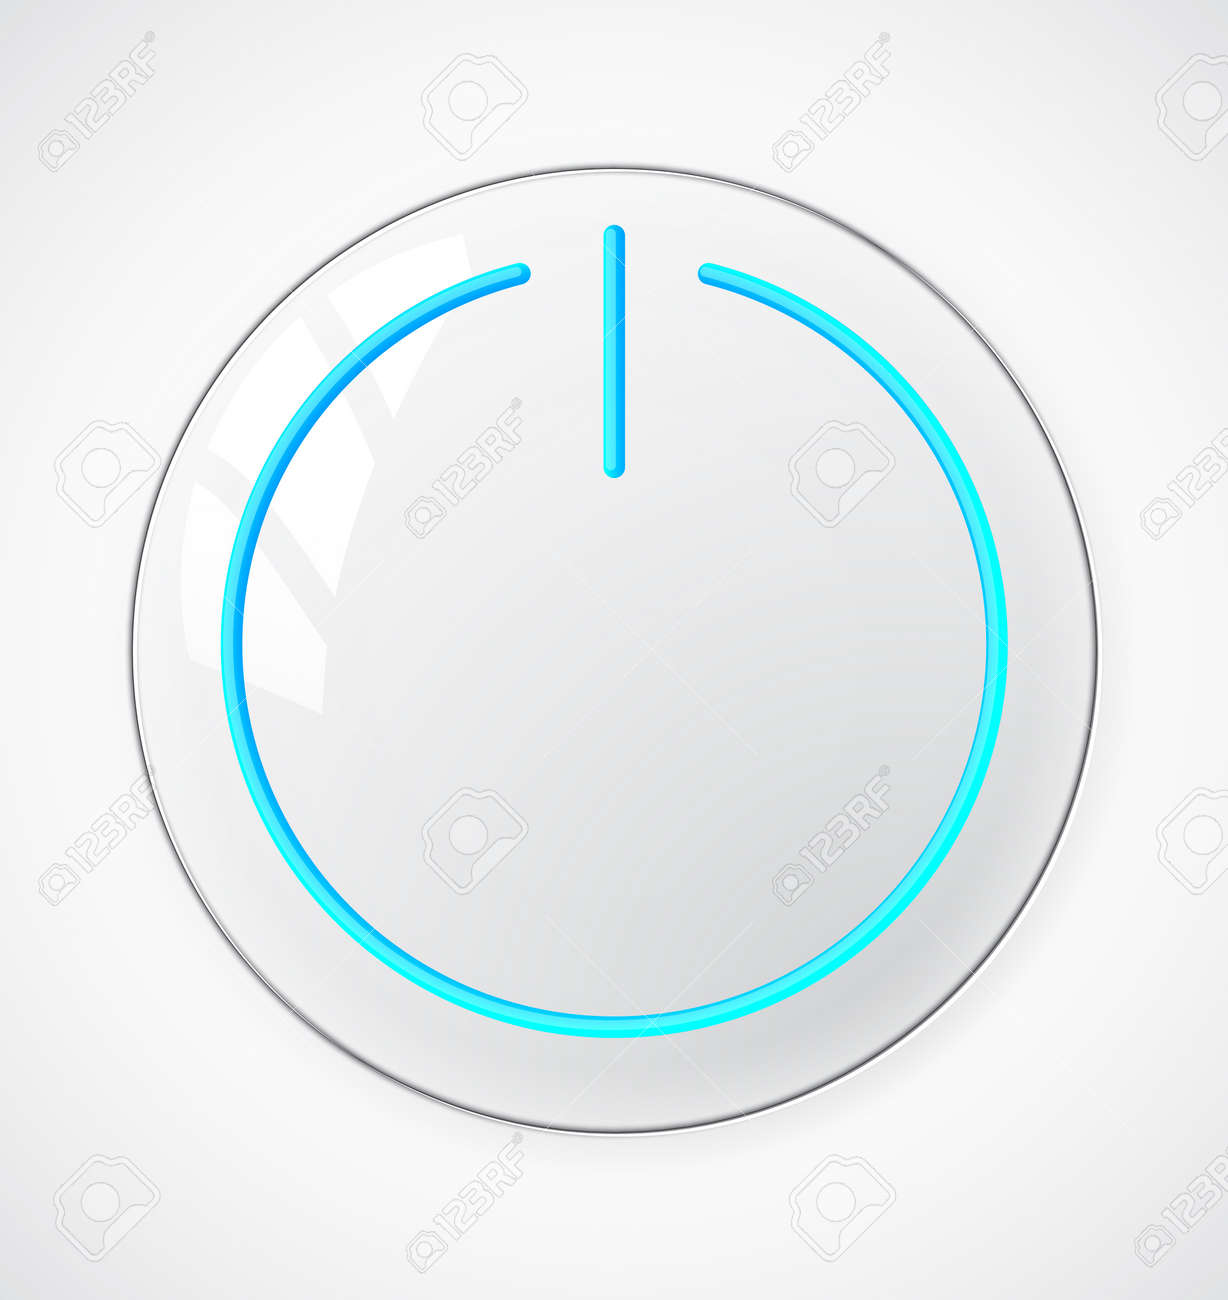 Start or power button. EPS10 vector. Stock Vector - 16169263